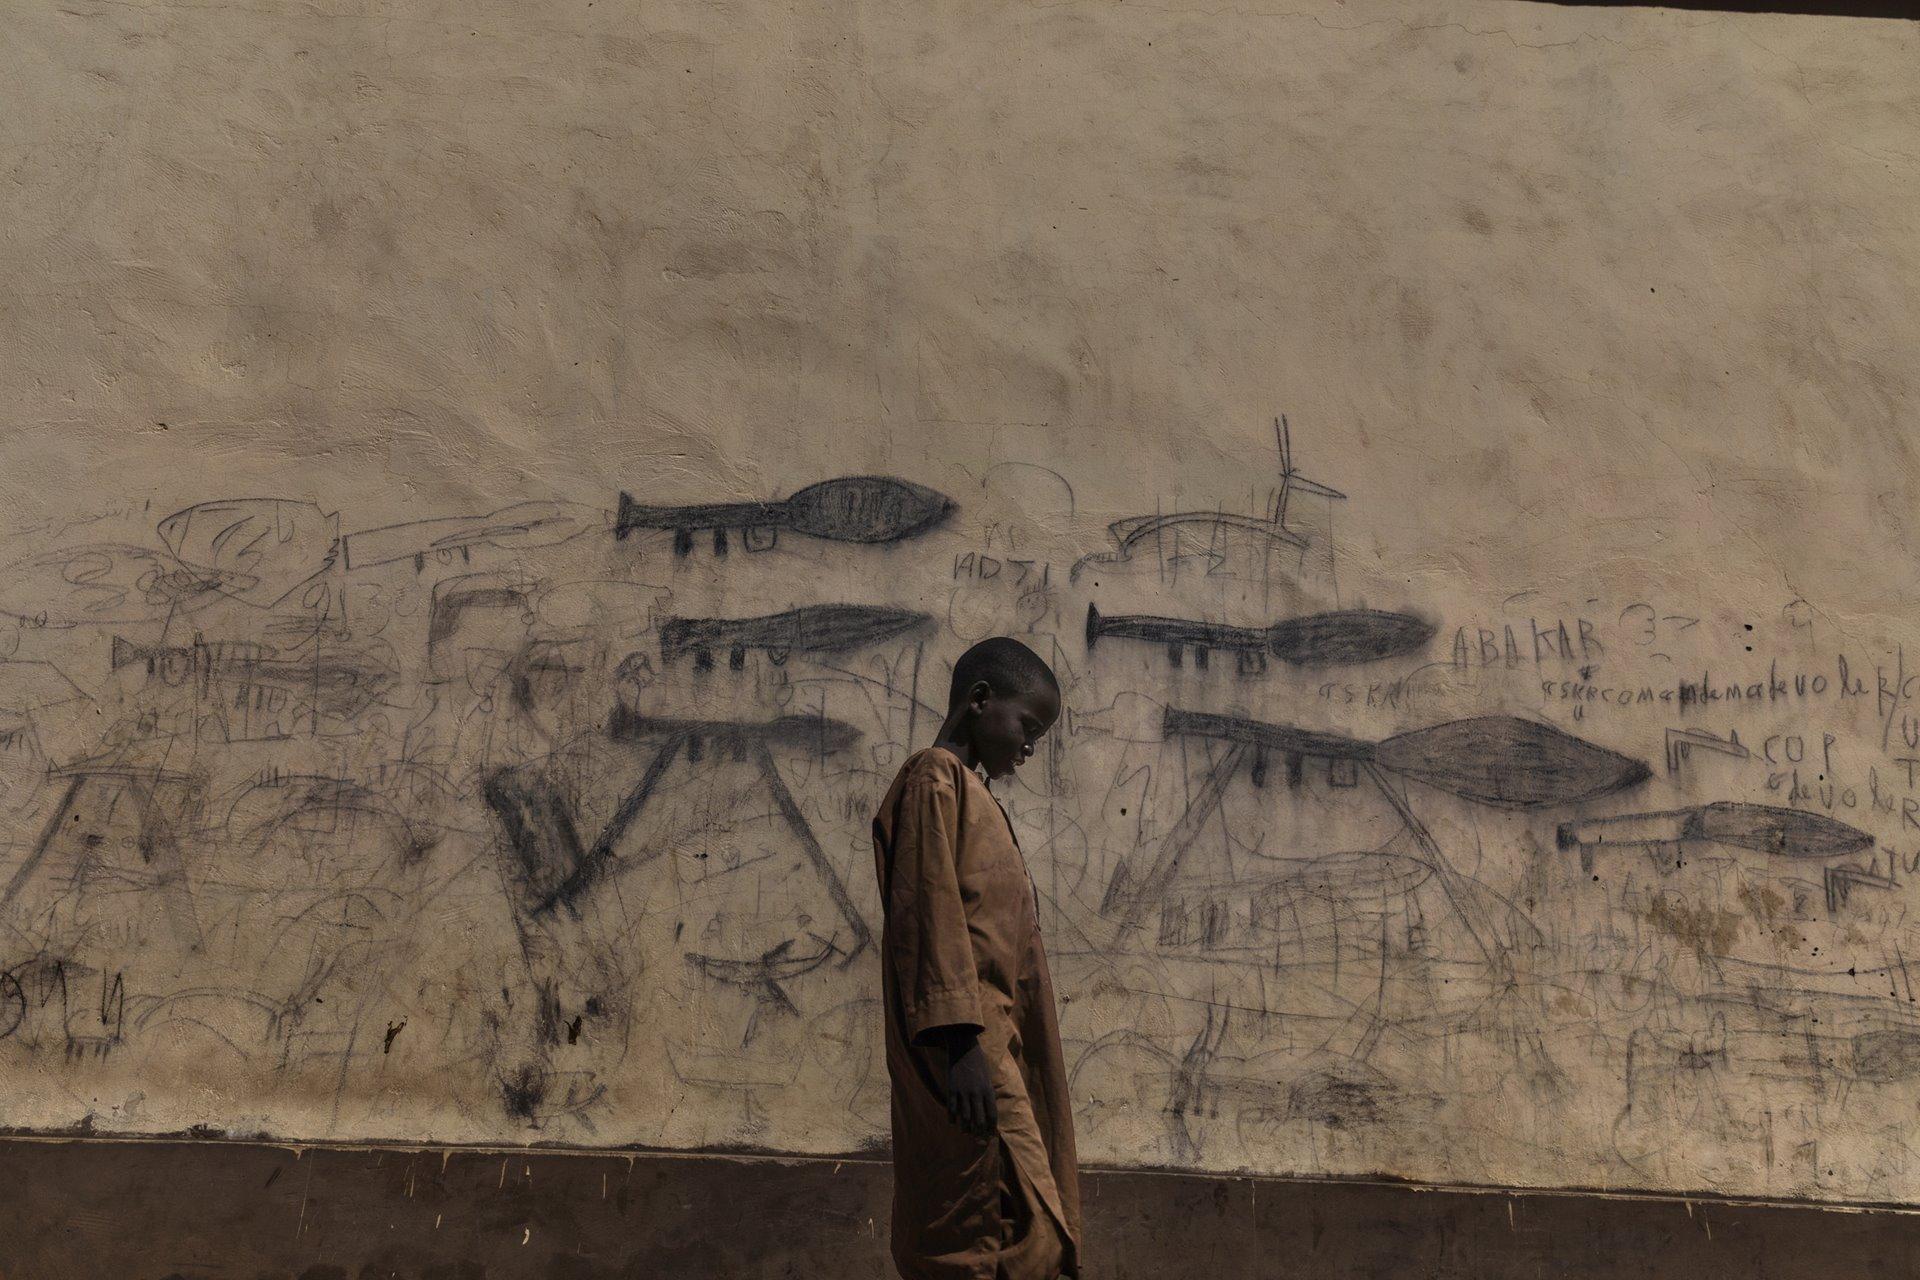 Un niño huérfano pasea junto a una pared con dibujos que muestran lanzadores de granadas propulsados por cohetes en Bol, Chad / Foto: Marco Gualazzini (Contrasto Online)